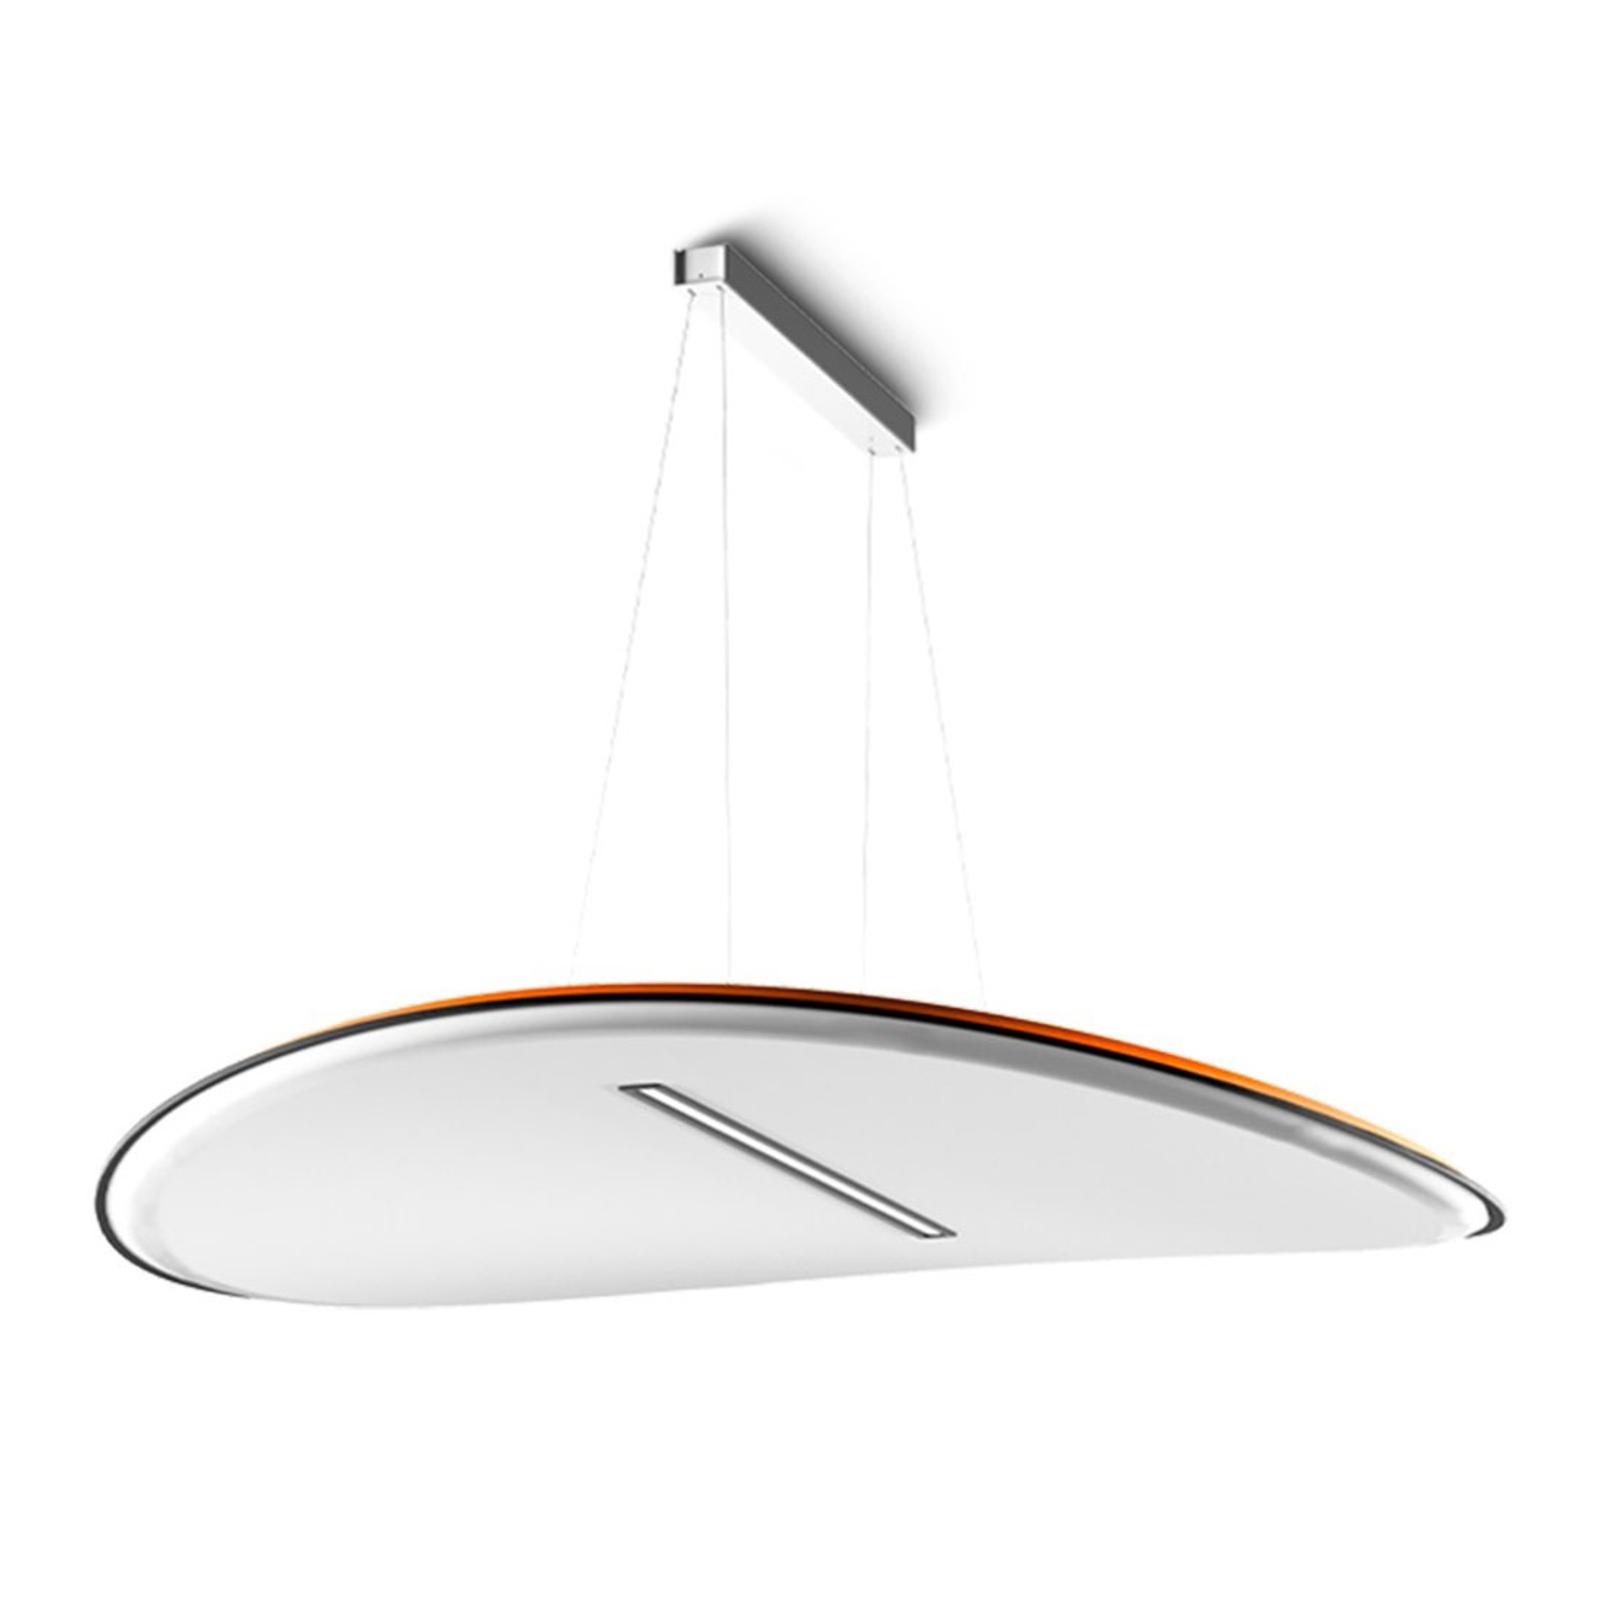 LED-Hängelampe Derby, Darklight-Filter weiß-orange